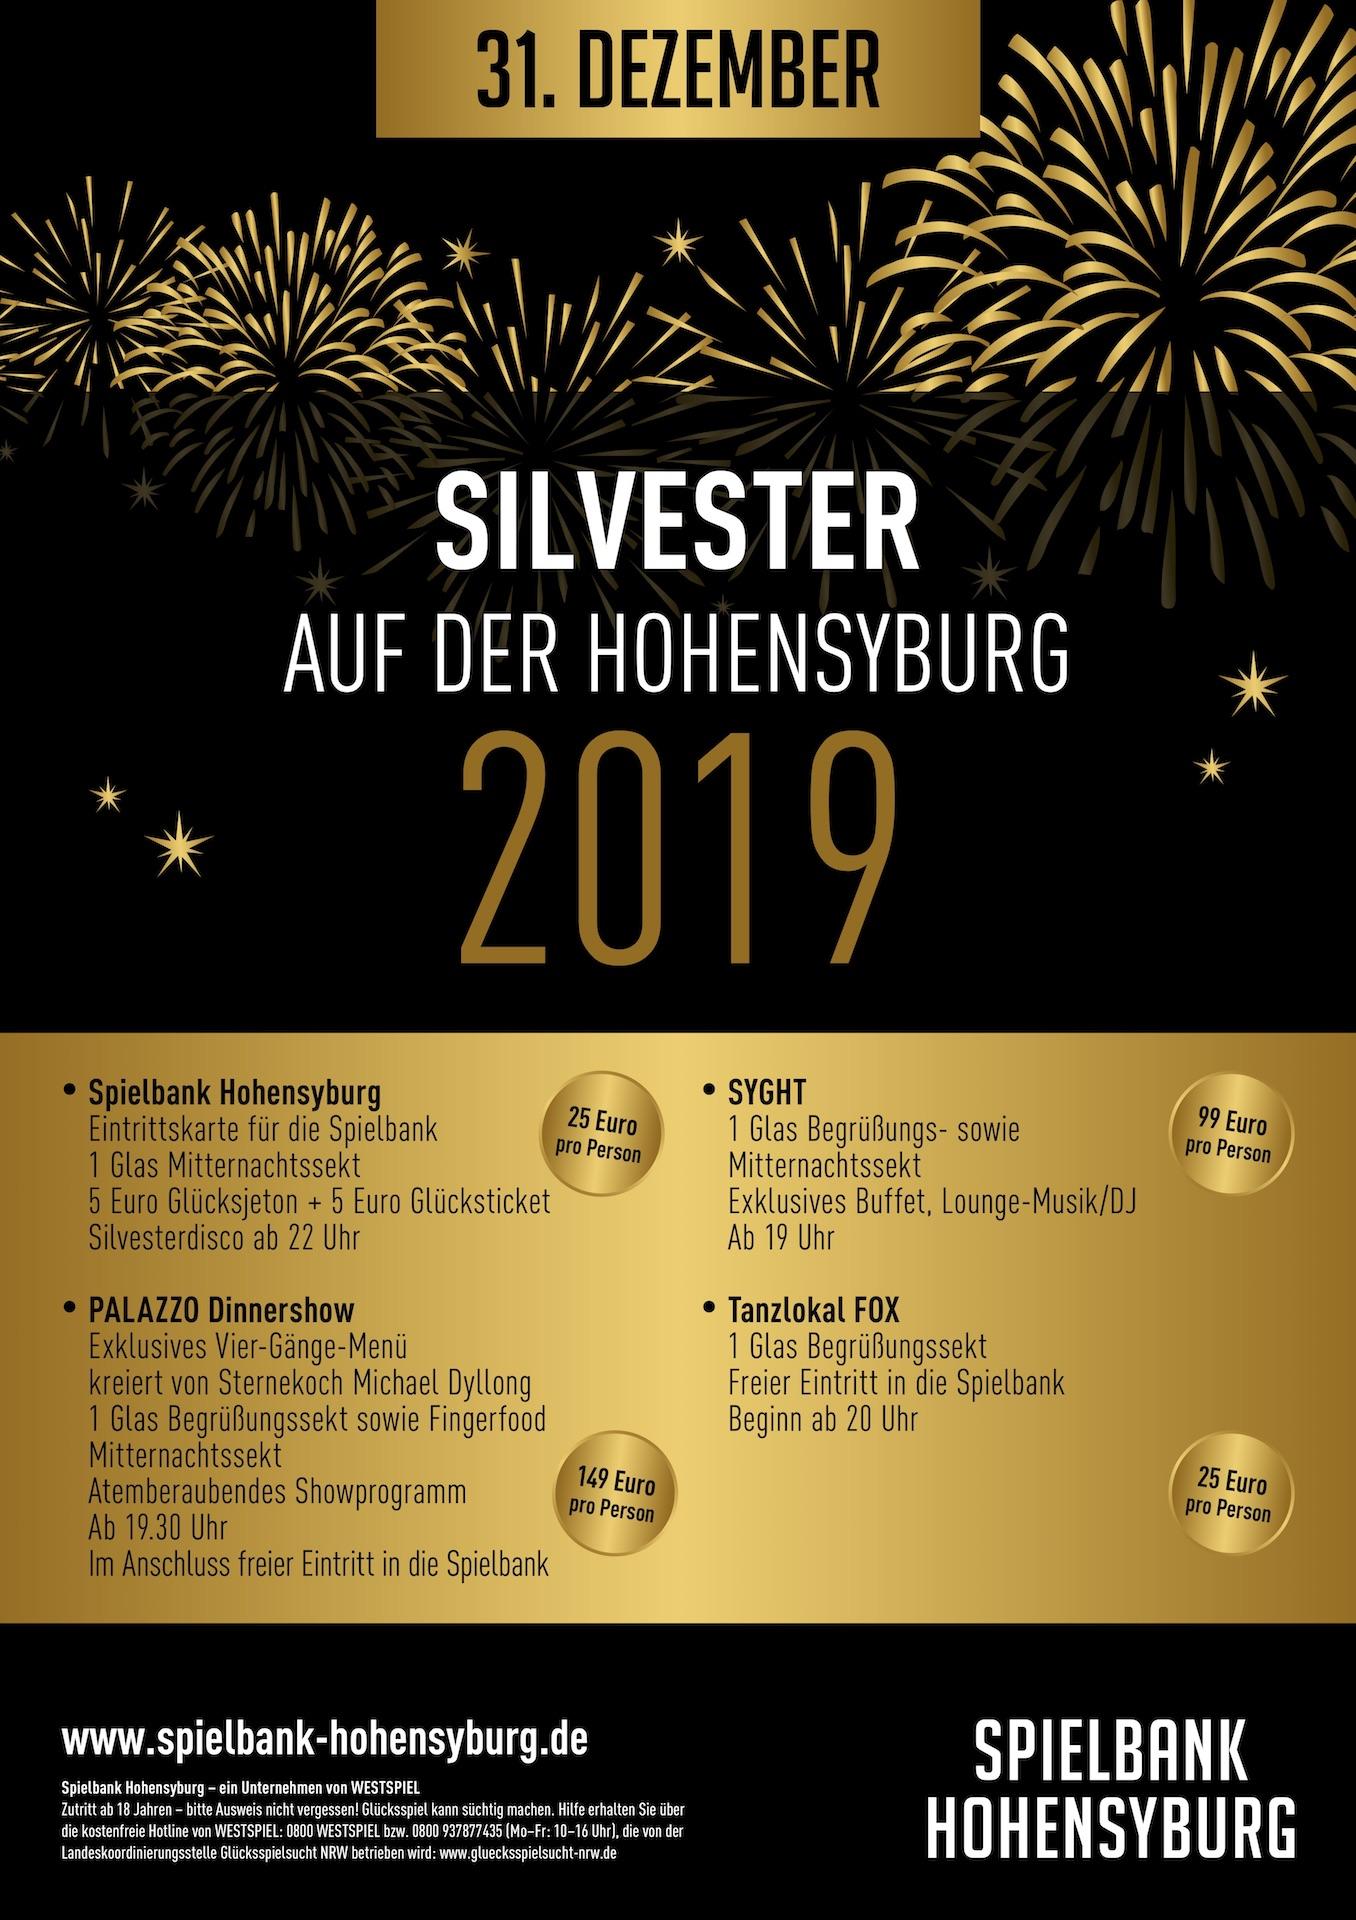 Hohensyburg Silvester